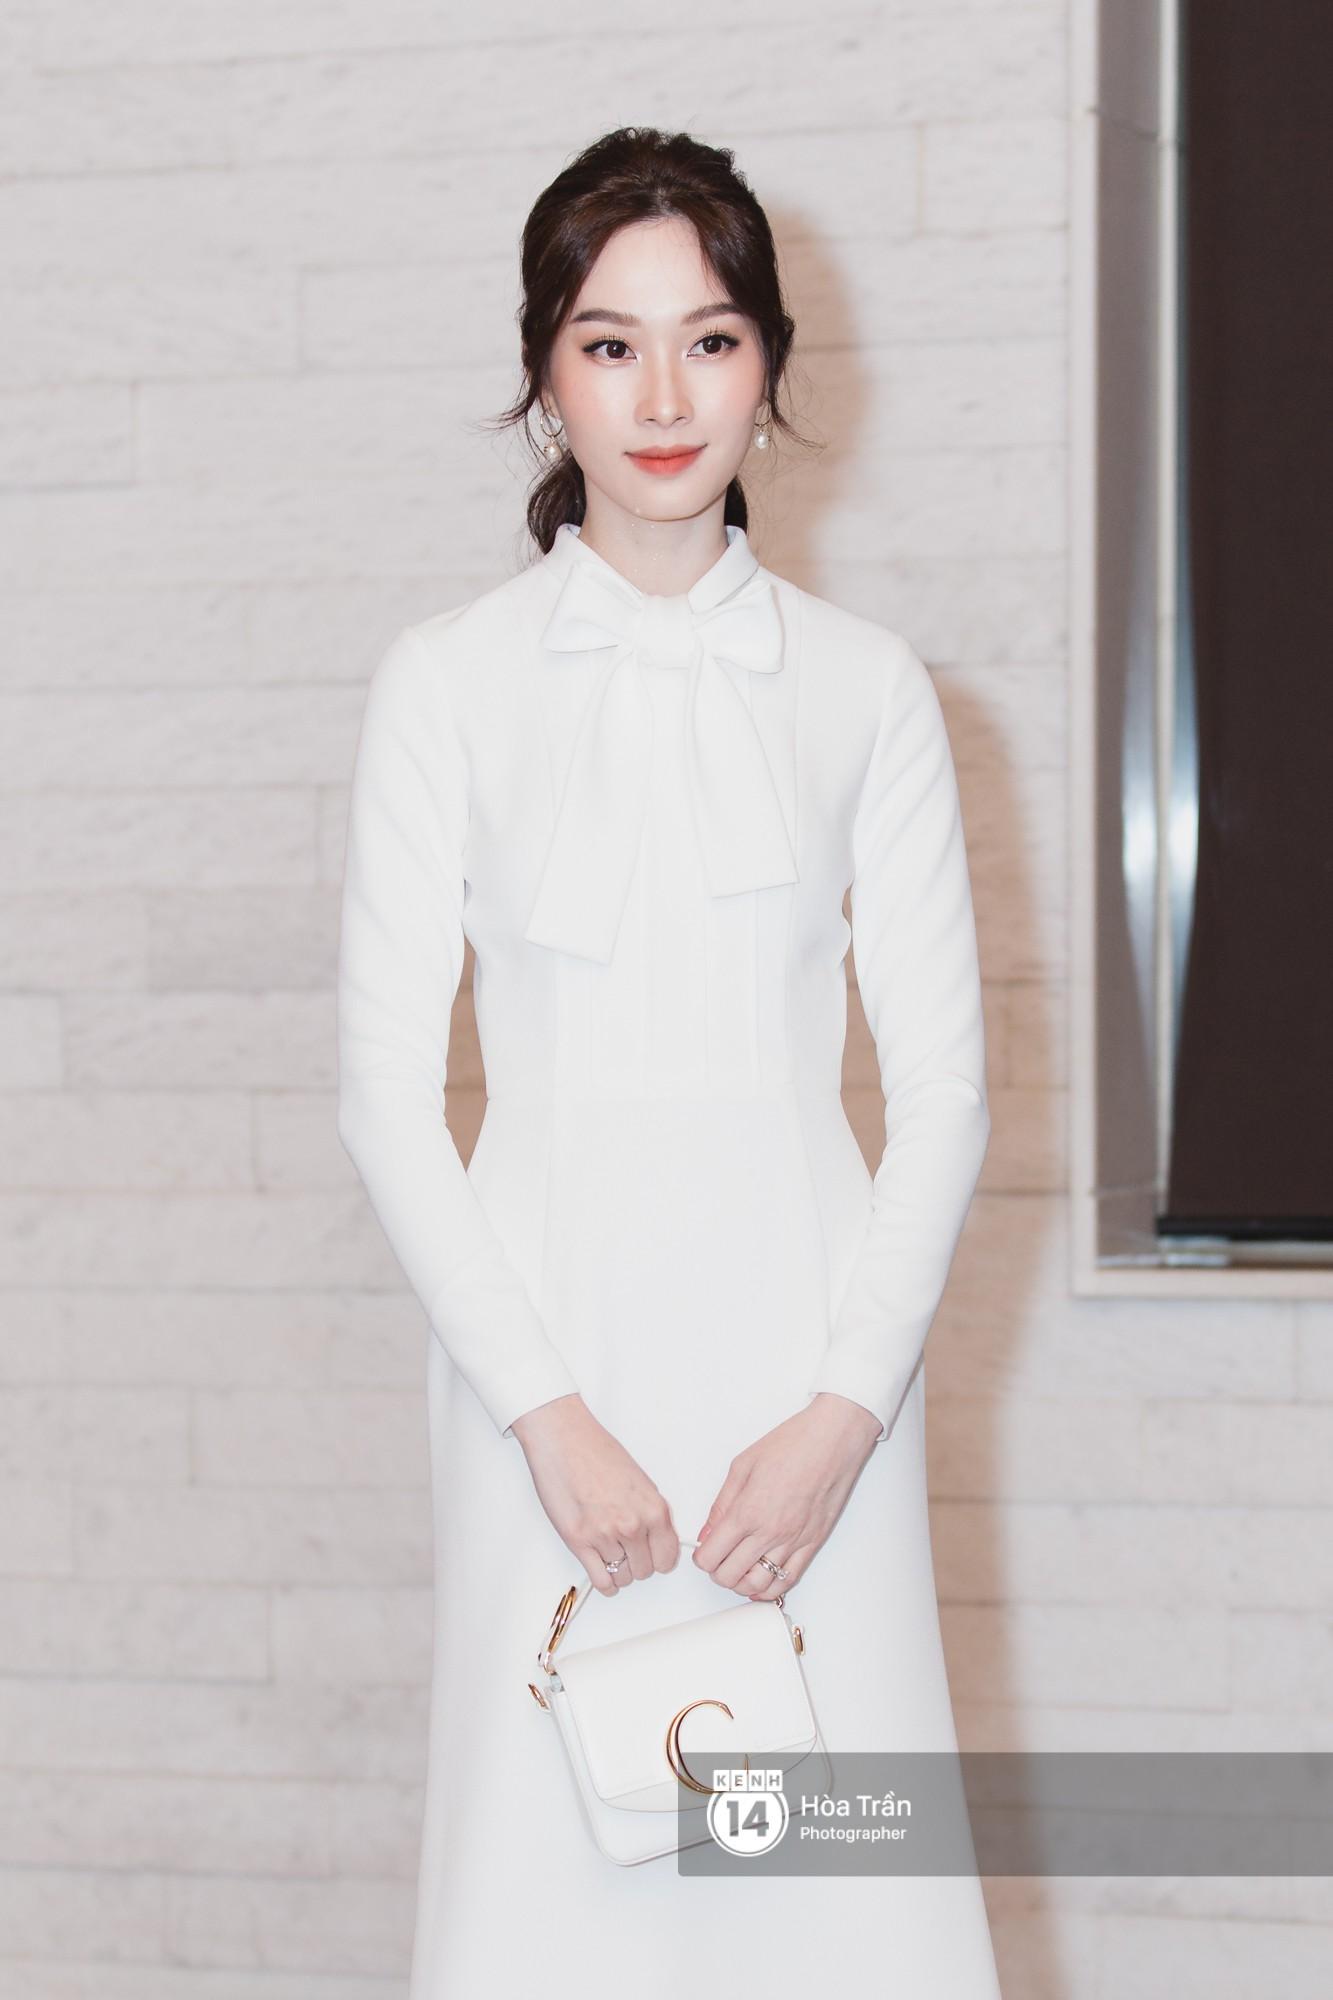 Giữa một dàn mỹ nhân giật giũ như Hari và Jun Vũ, Hoa hậu Đặng Thu Thảo giản dị mà vẫn trội bật - Ảnh 1.